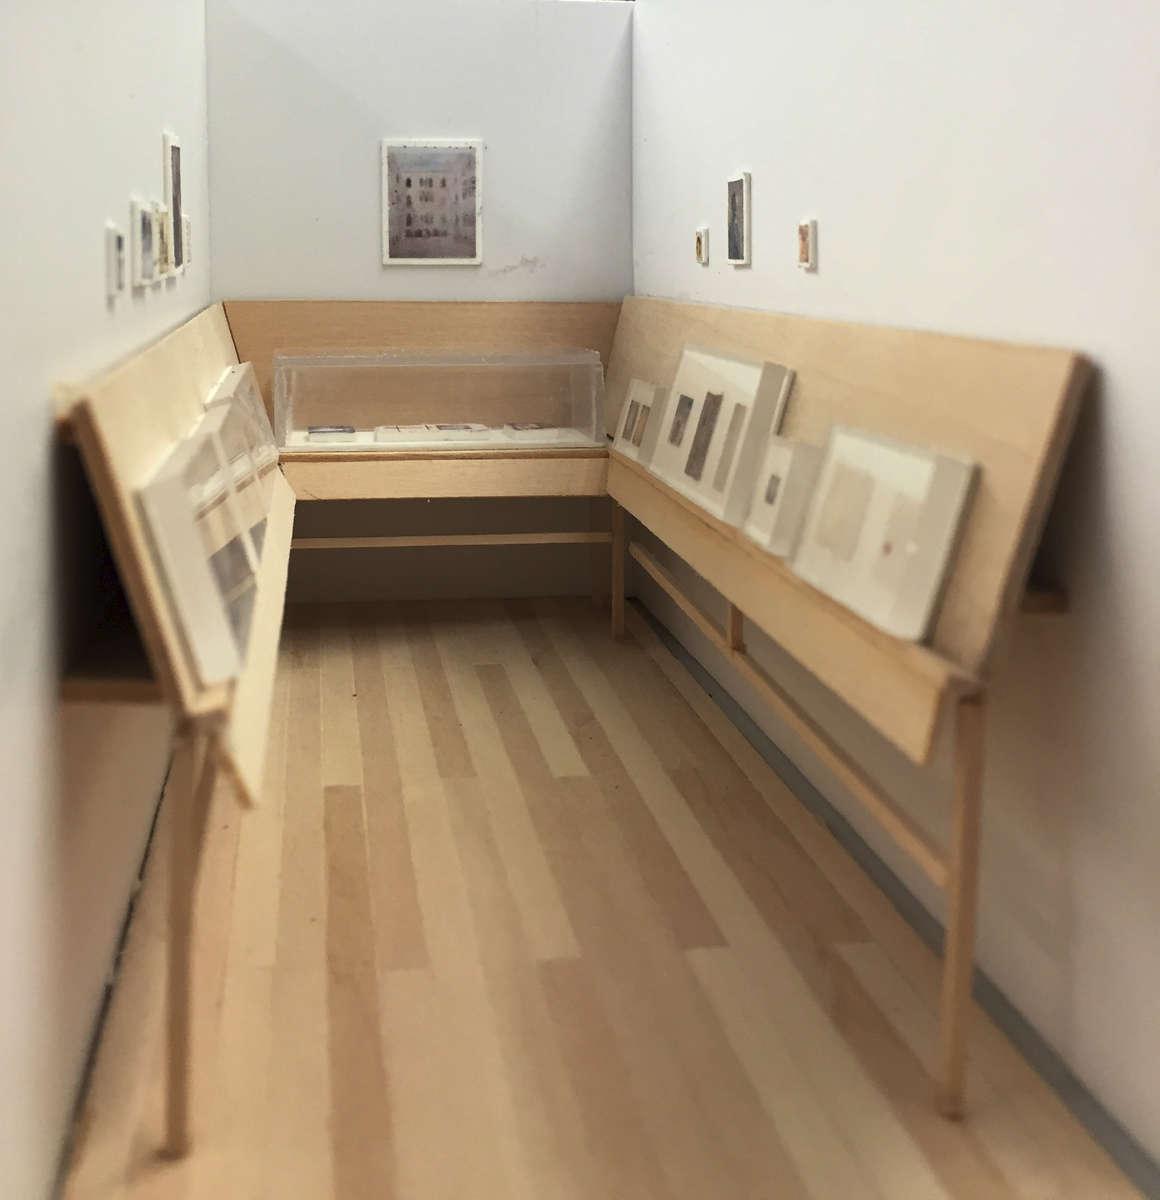 Isabella Stewart Gardner Museum Gallery project